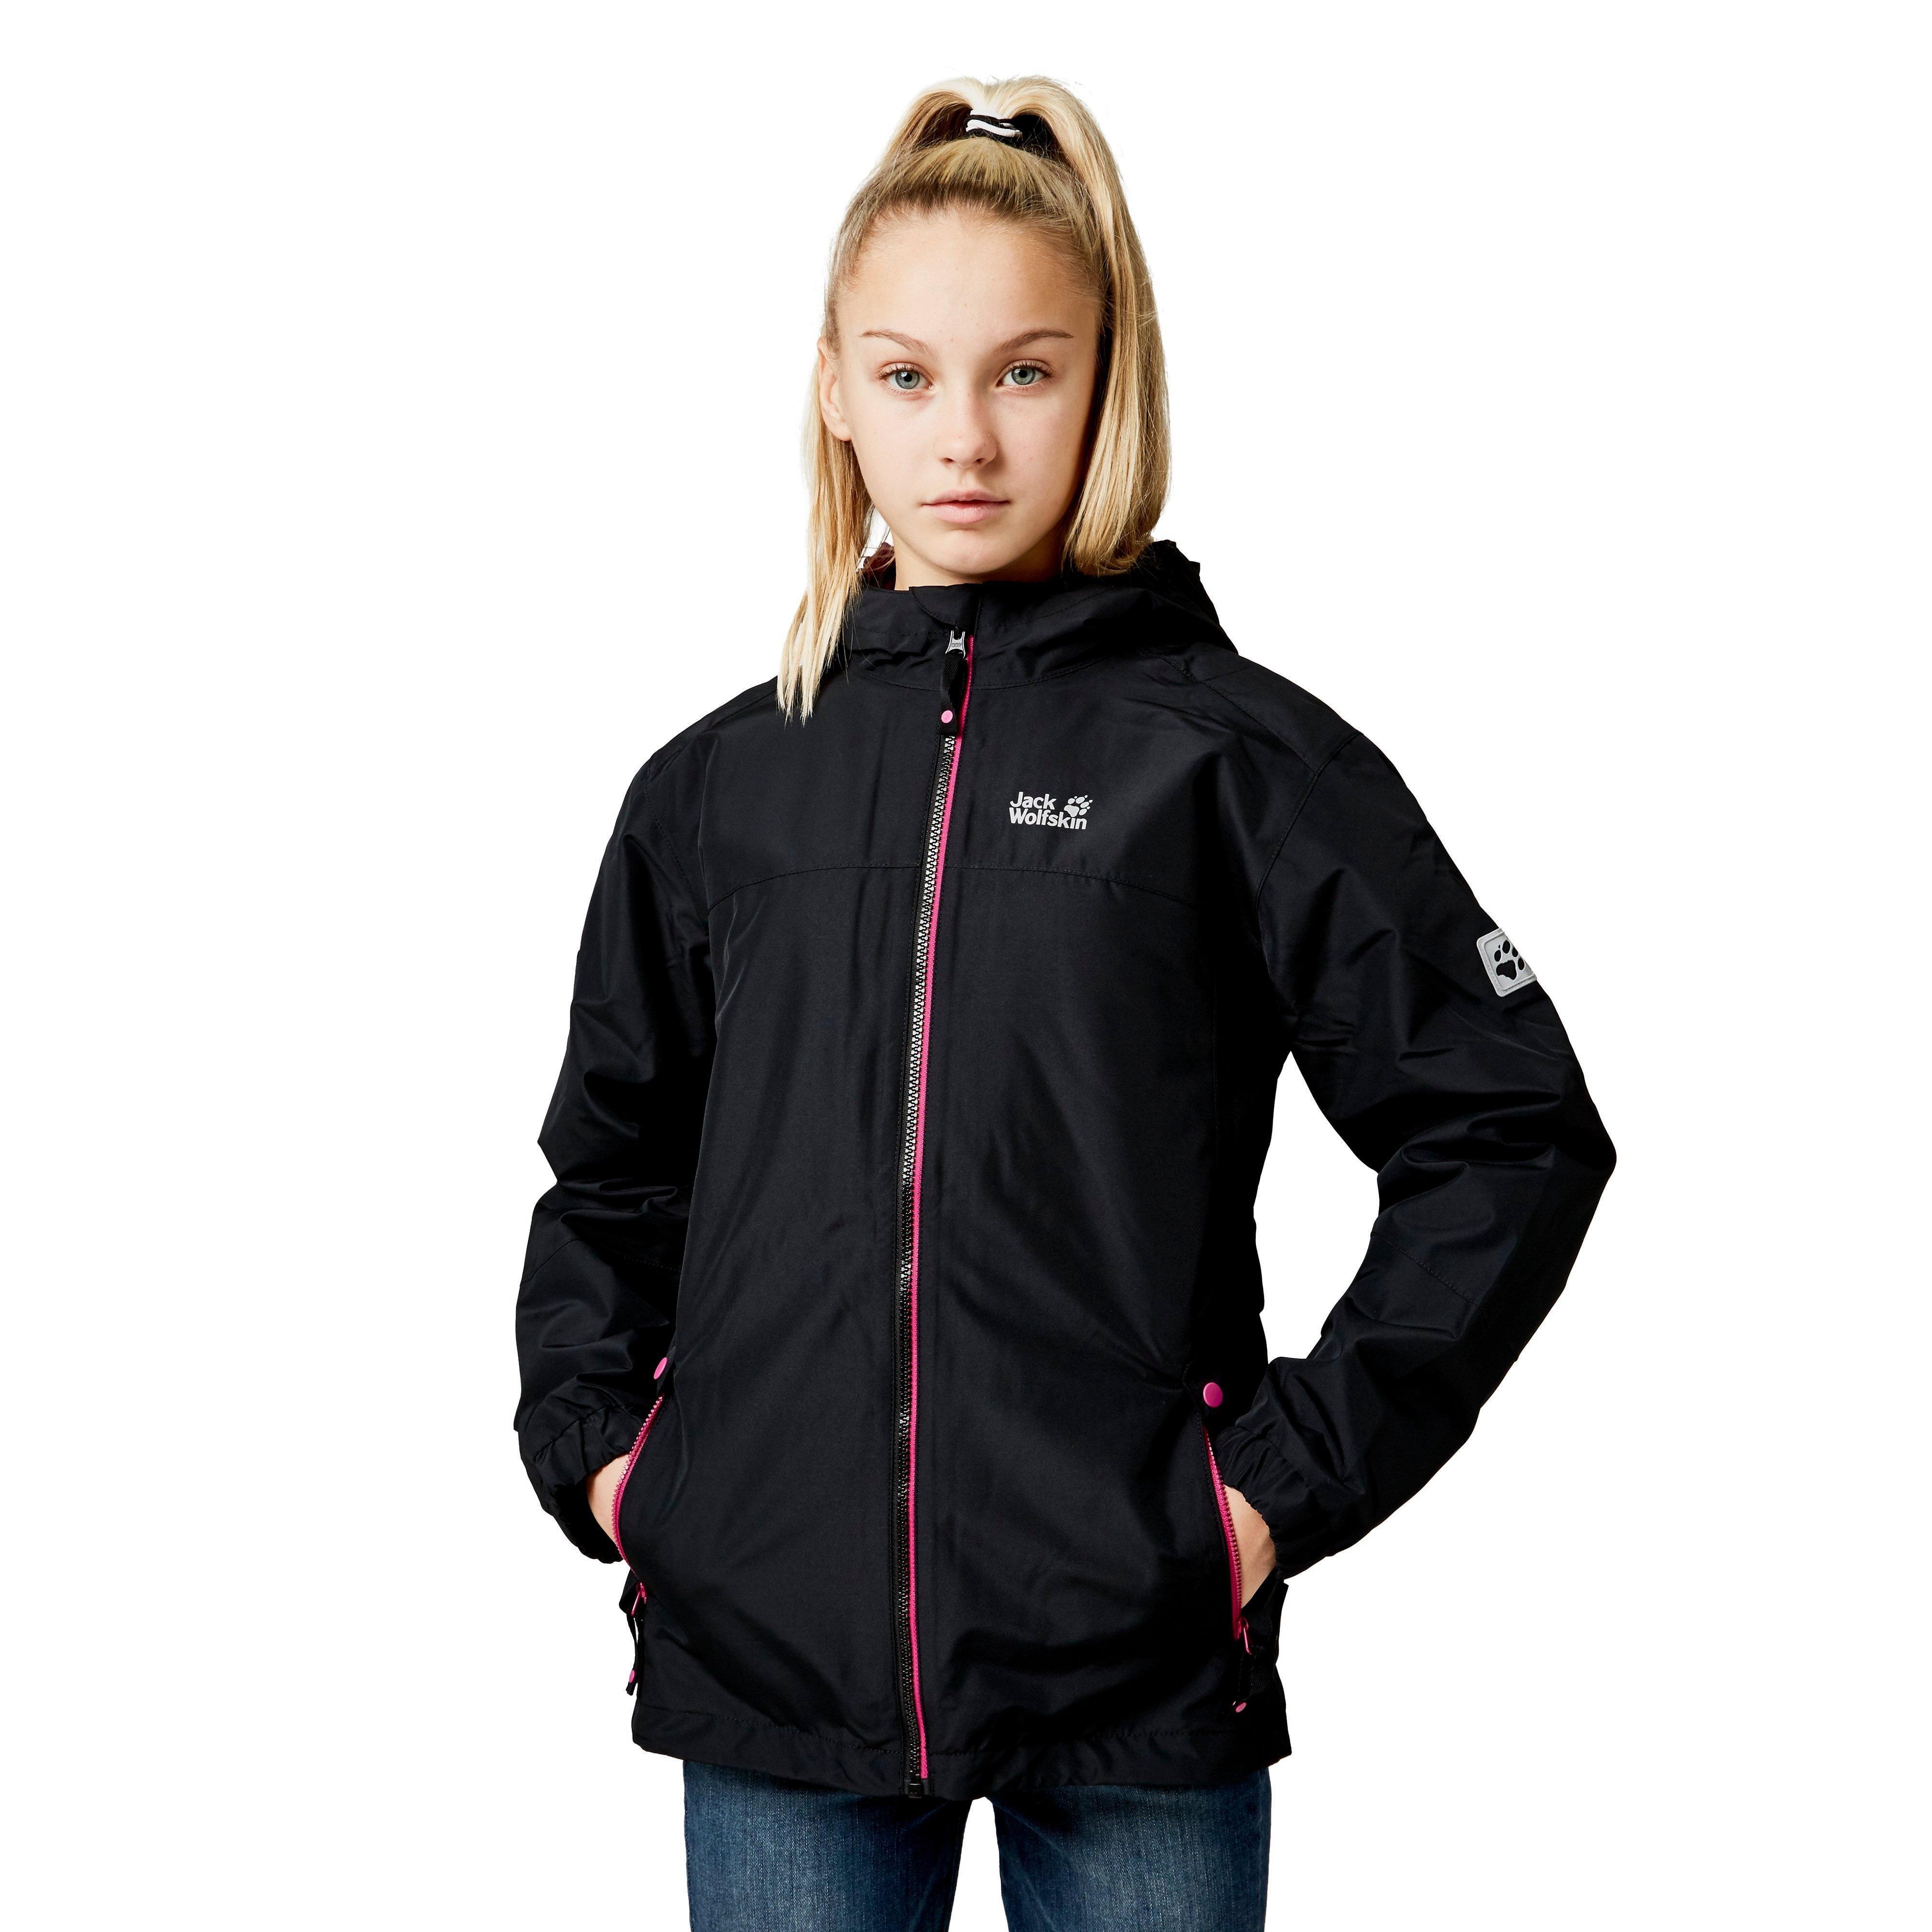 size 40 01072 f80e2 Kids' Winterland 3-in-1 Jacket